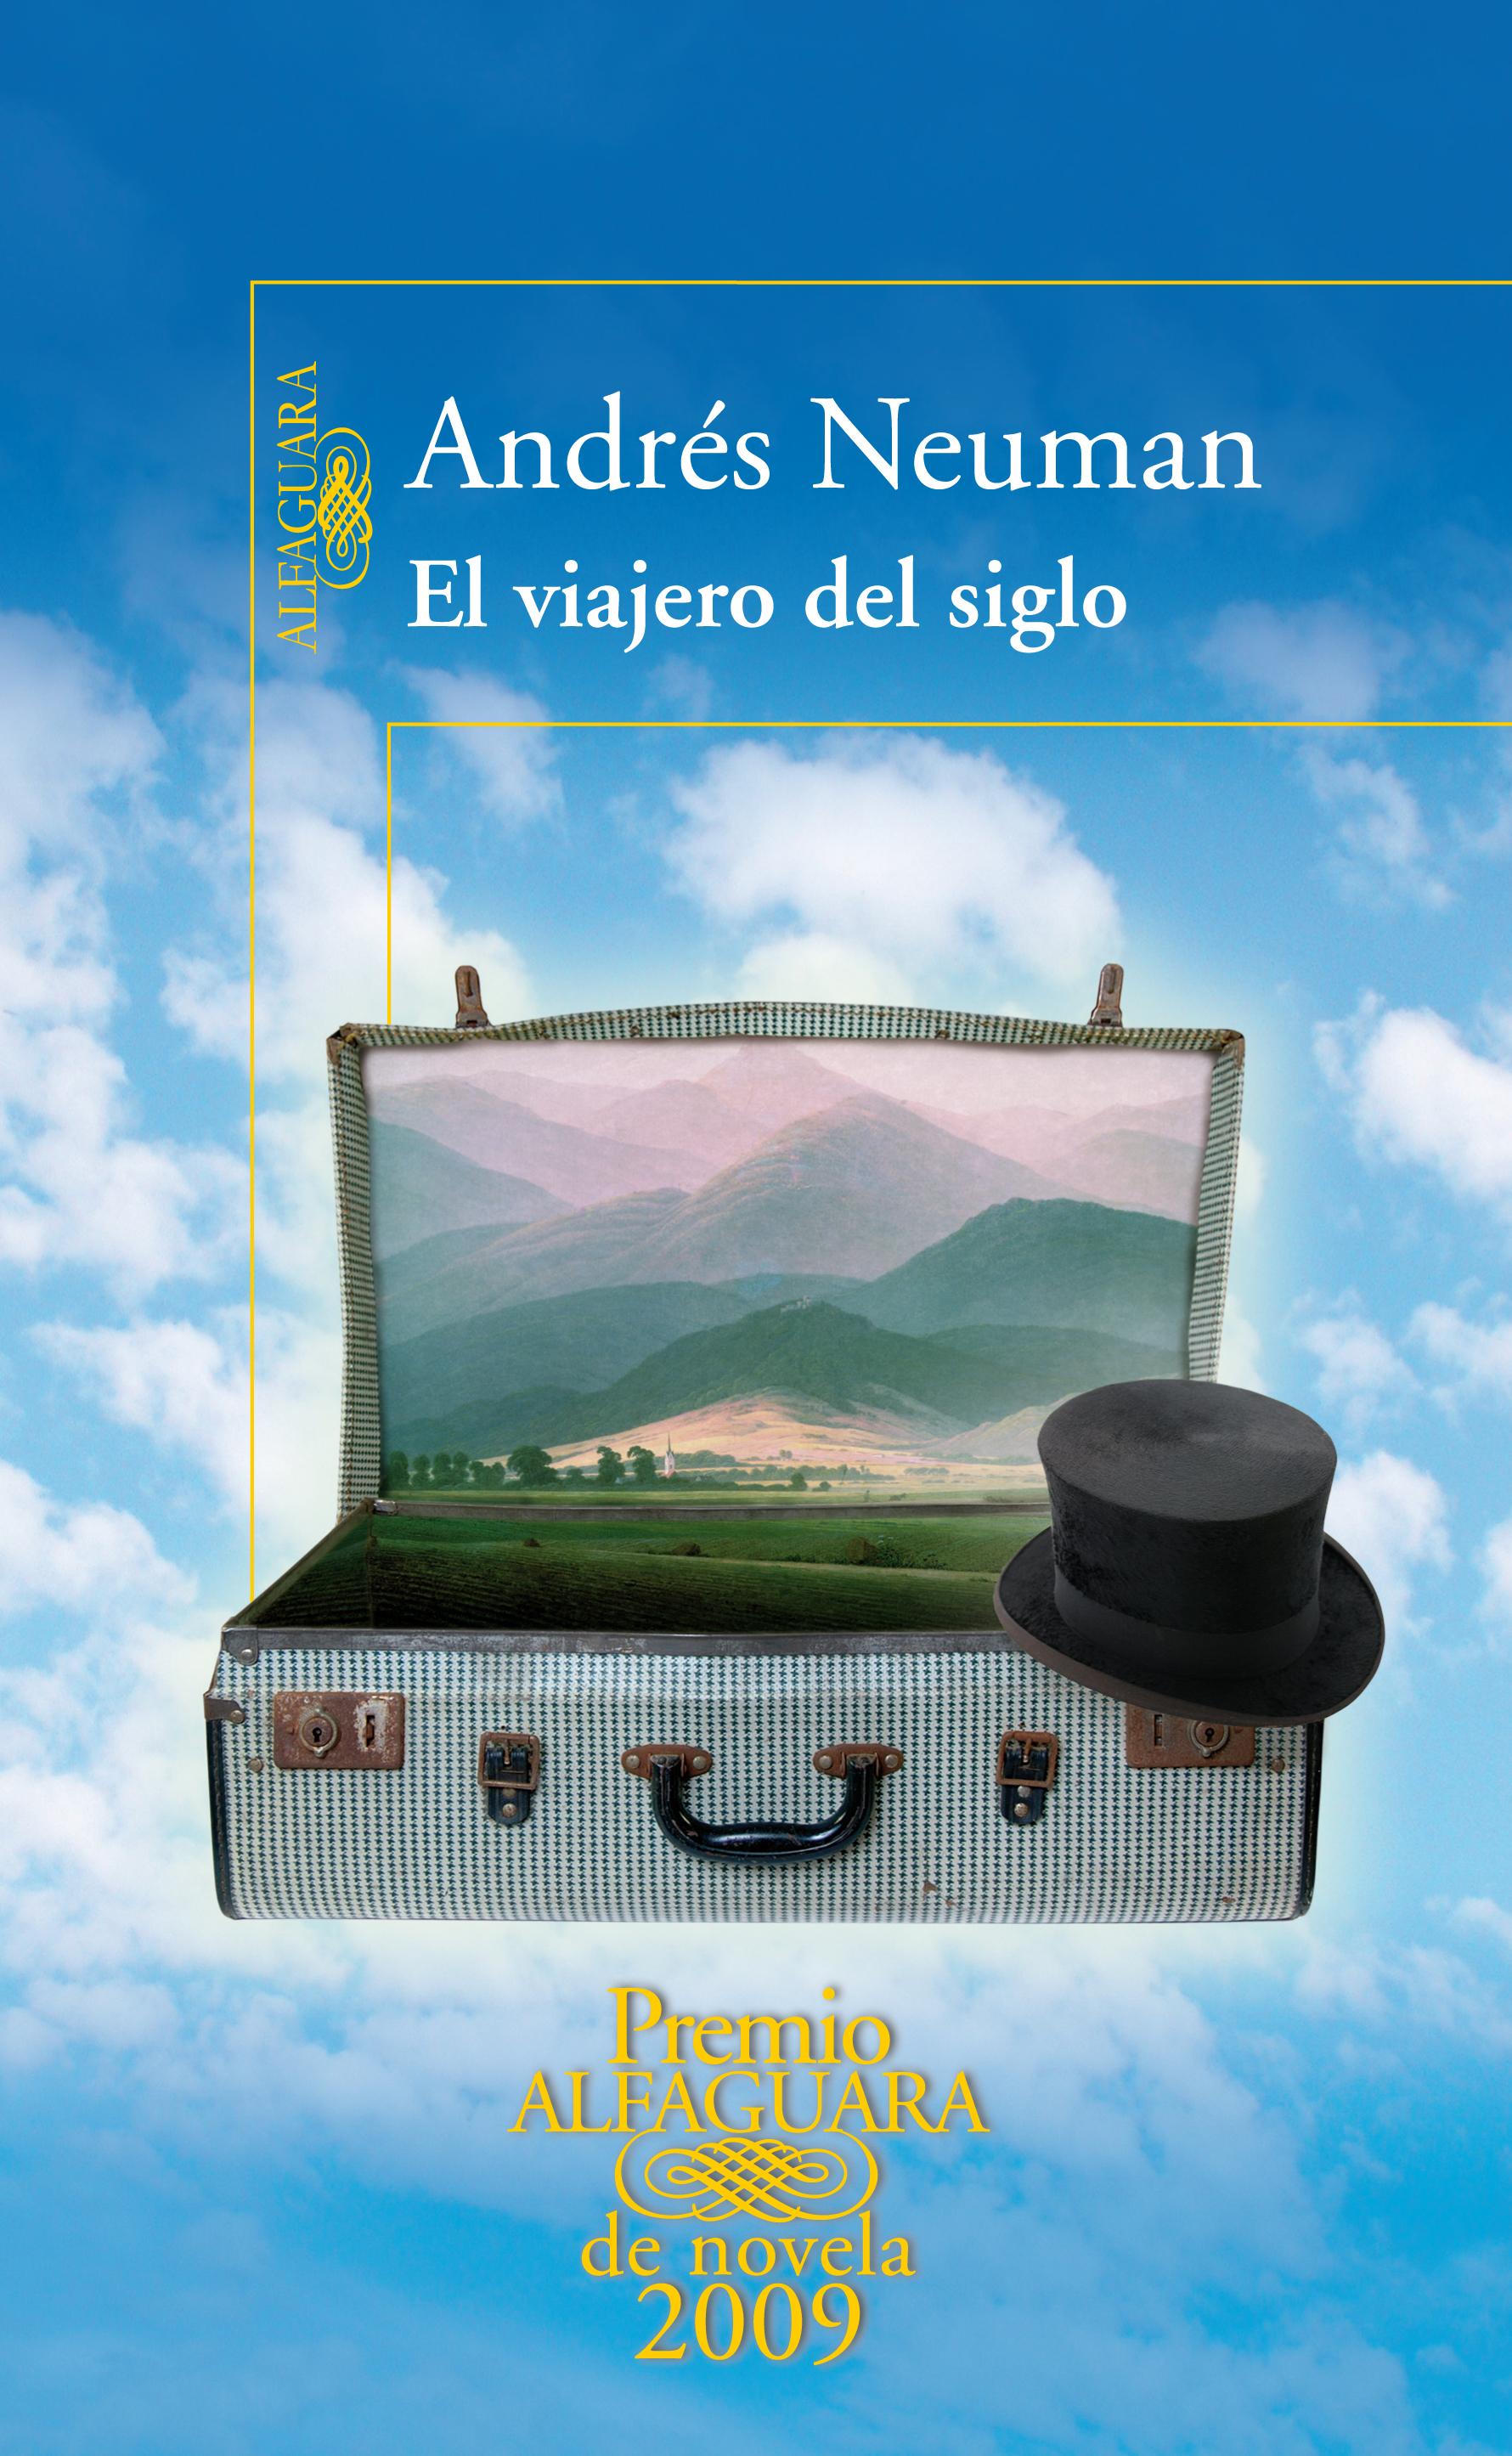 EL VIAJERO DEL SIGLO - Andrés Neuman